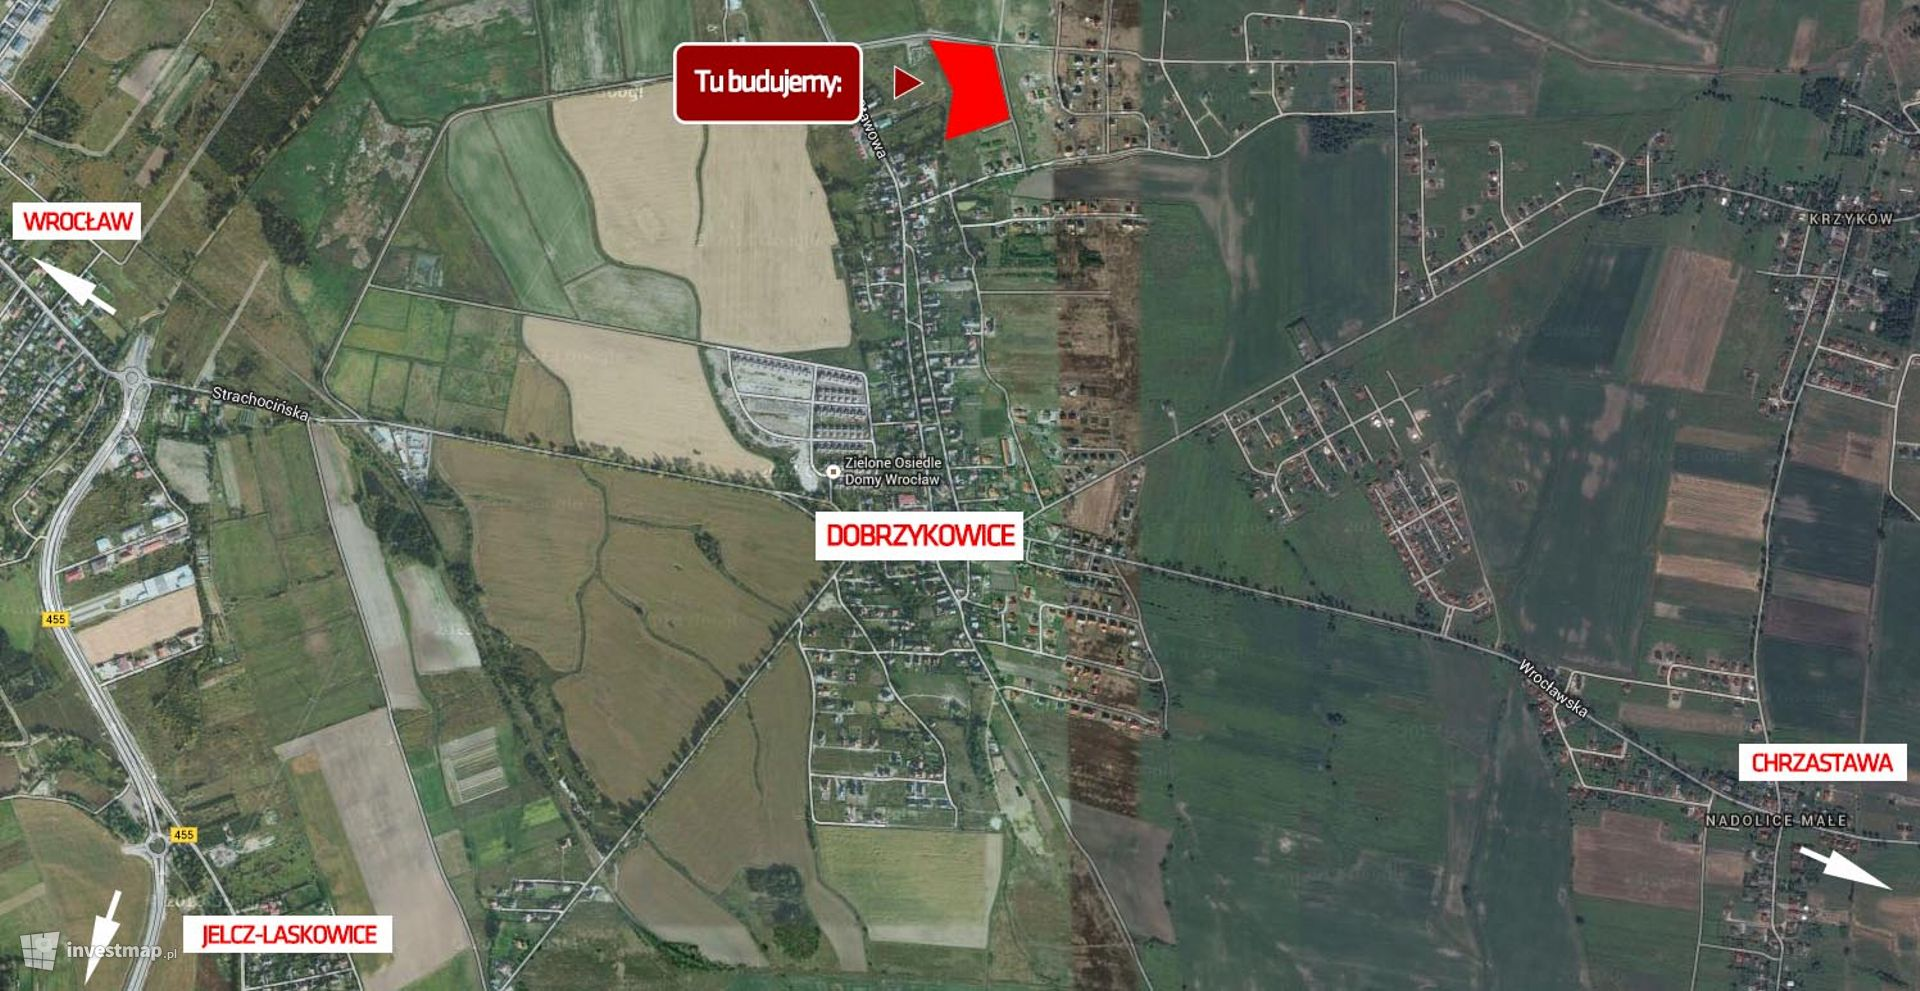 Osiedle Dobrzykowice, ul. Szafirowa/Brylantowa